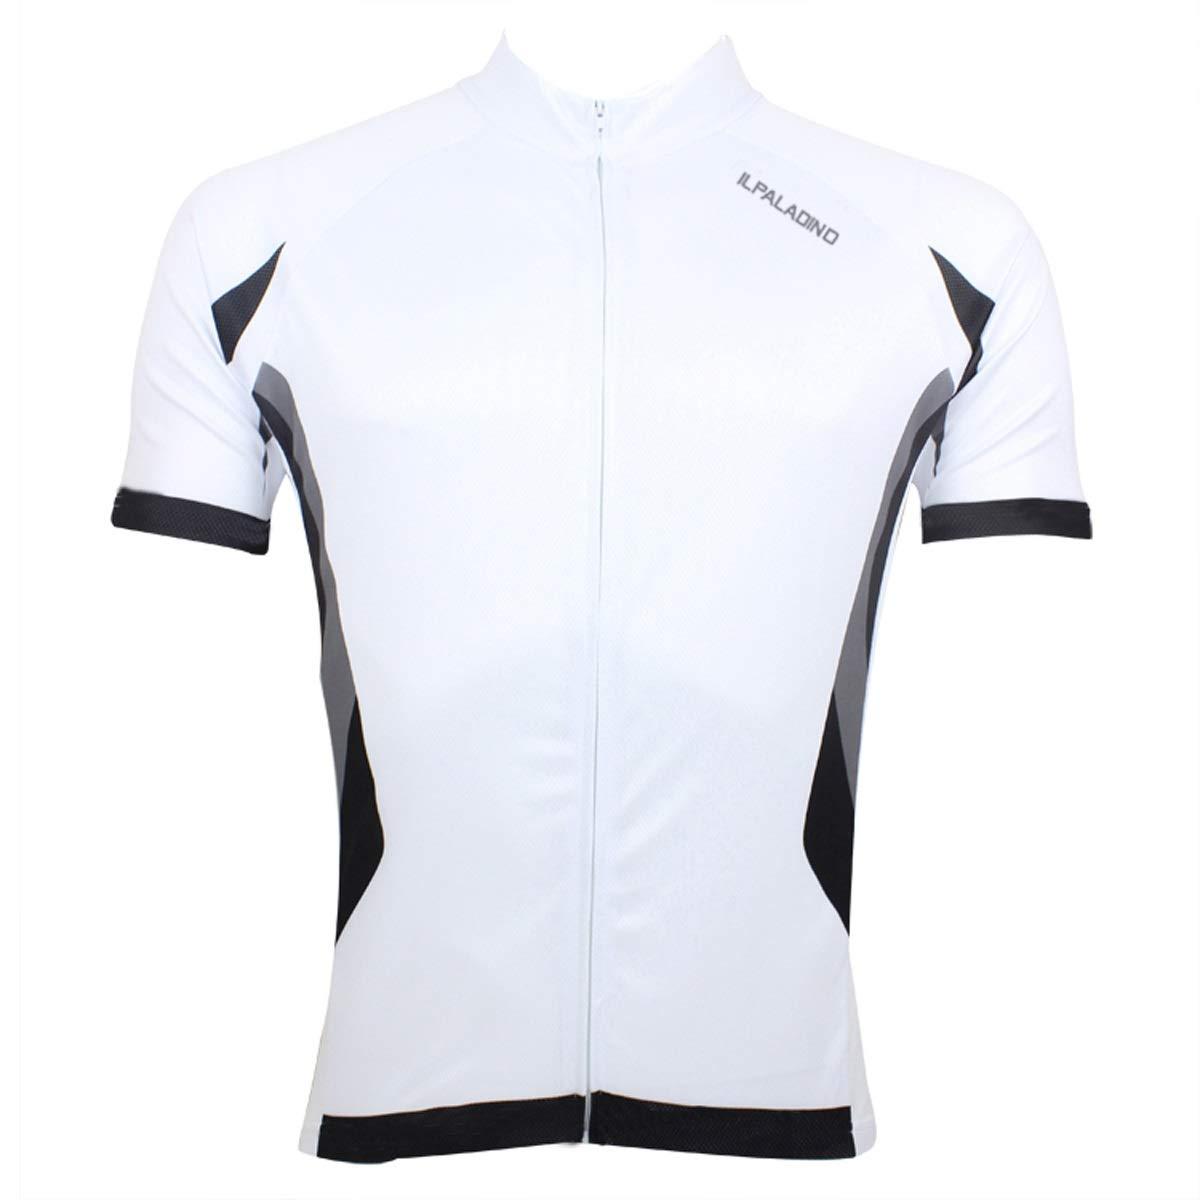 Fahrrad Reitanzug Sommer Erfrischend Rennrad Radhose Sportbekleidung Set Bike Jersey Fahrradtrikot LPLHJD